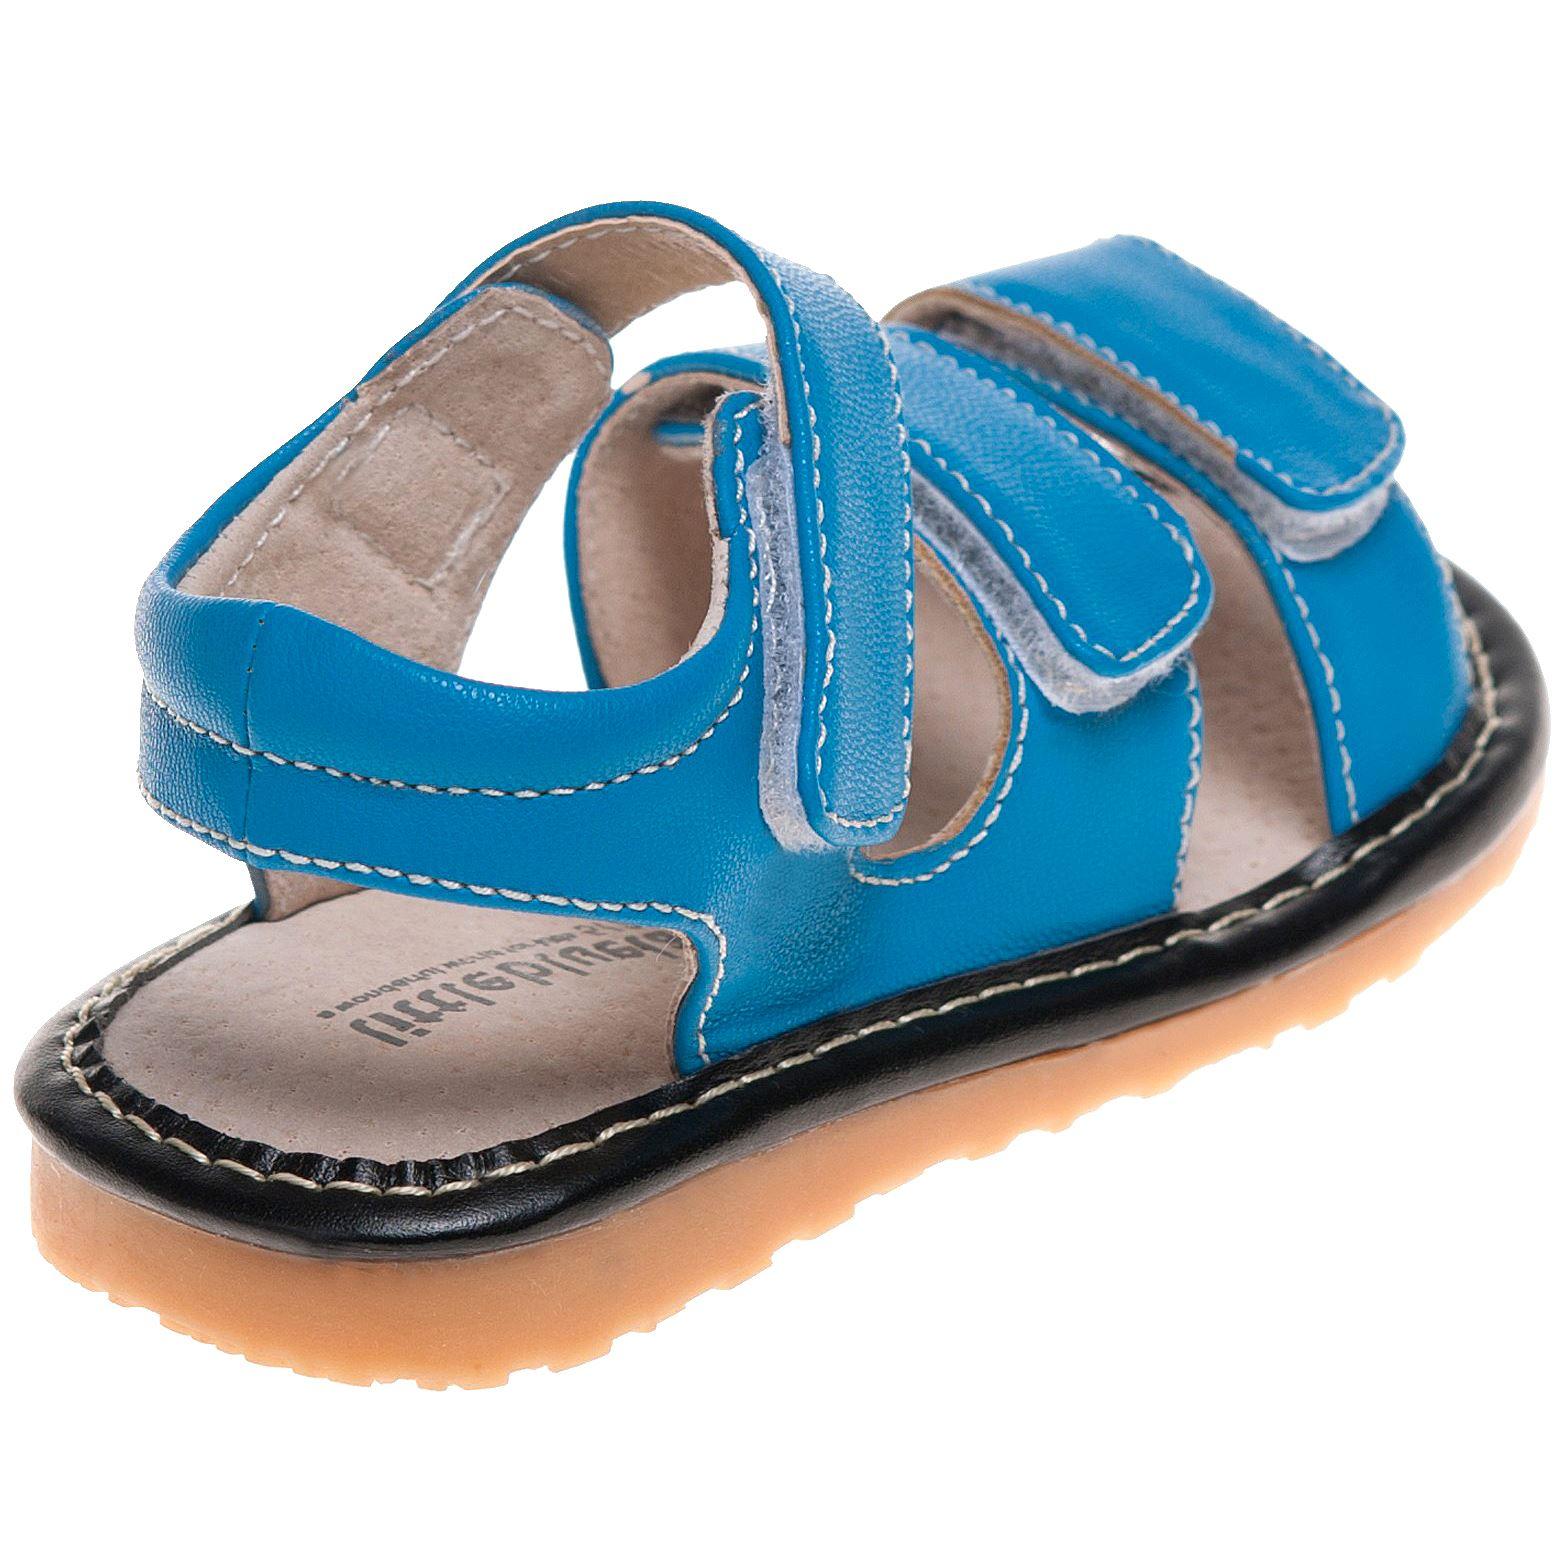 sandales chaussures fille gar on enfant b b cuir cir. Black Bedroom Furniture Sets. Home Design Ideas